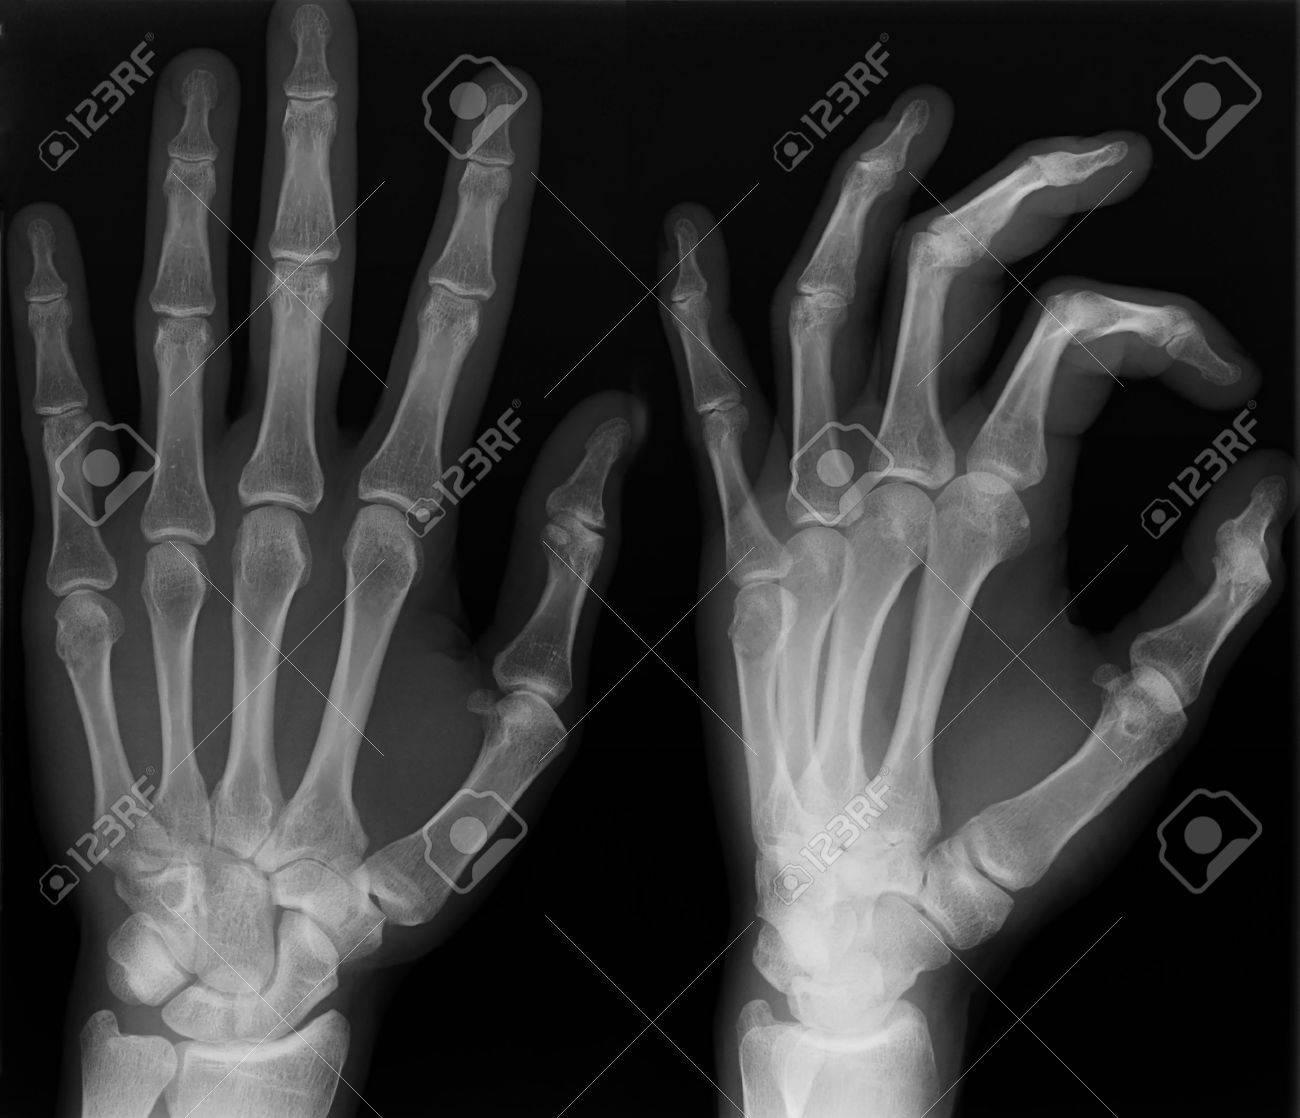 Großzügig Anatomie Der Linken Hand Bilder - Anatomie Von ...